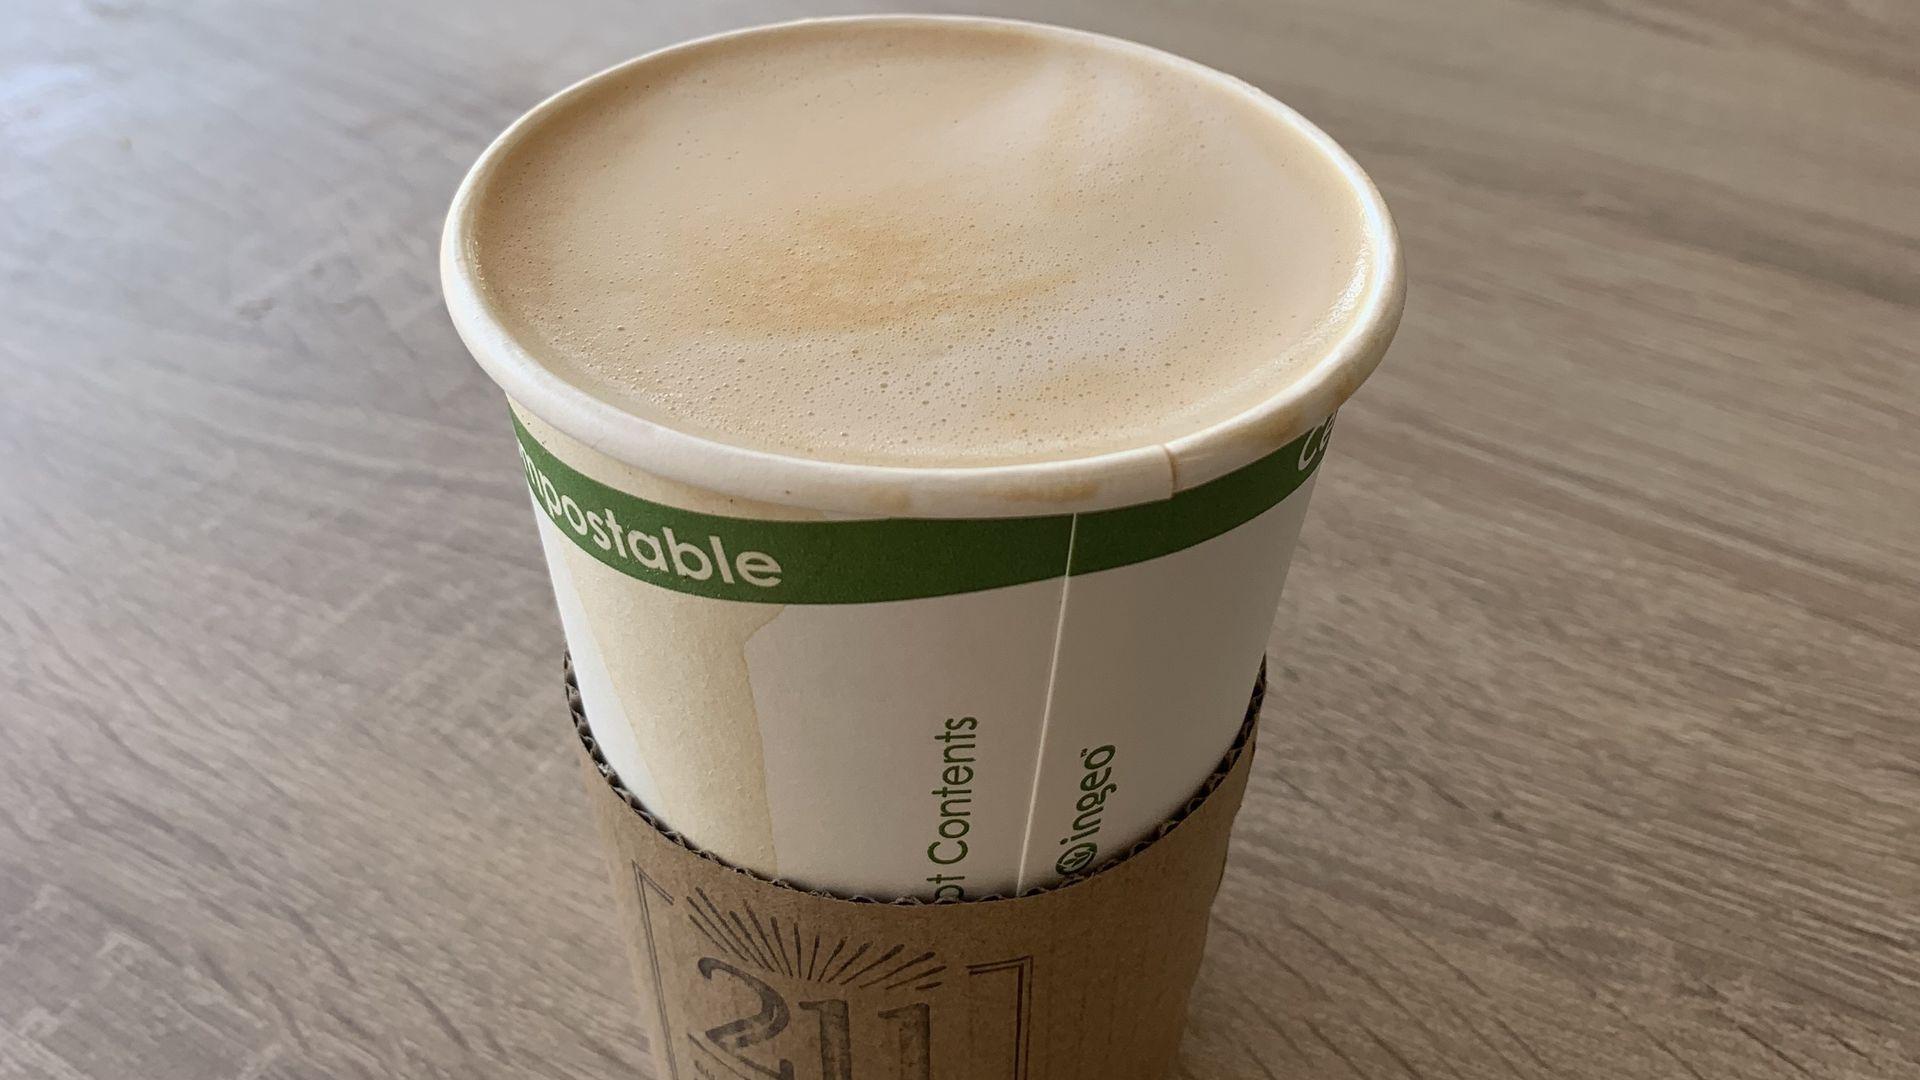 An oat milk latte